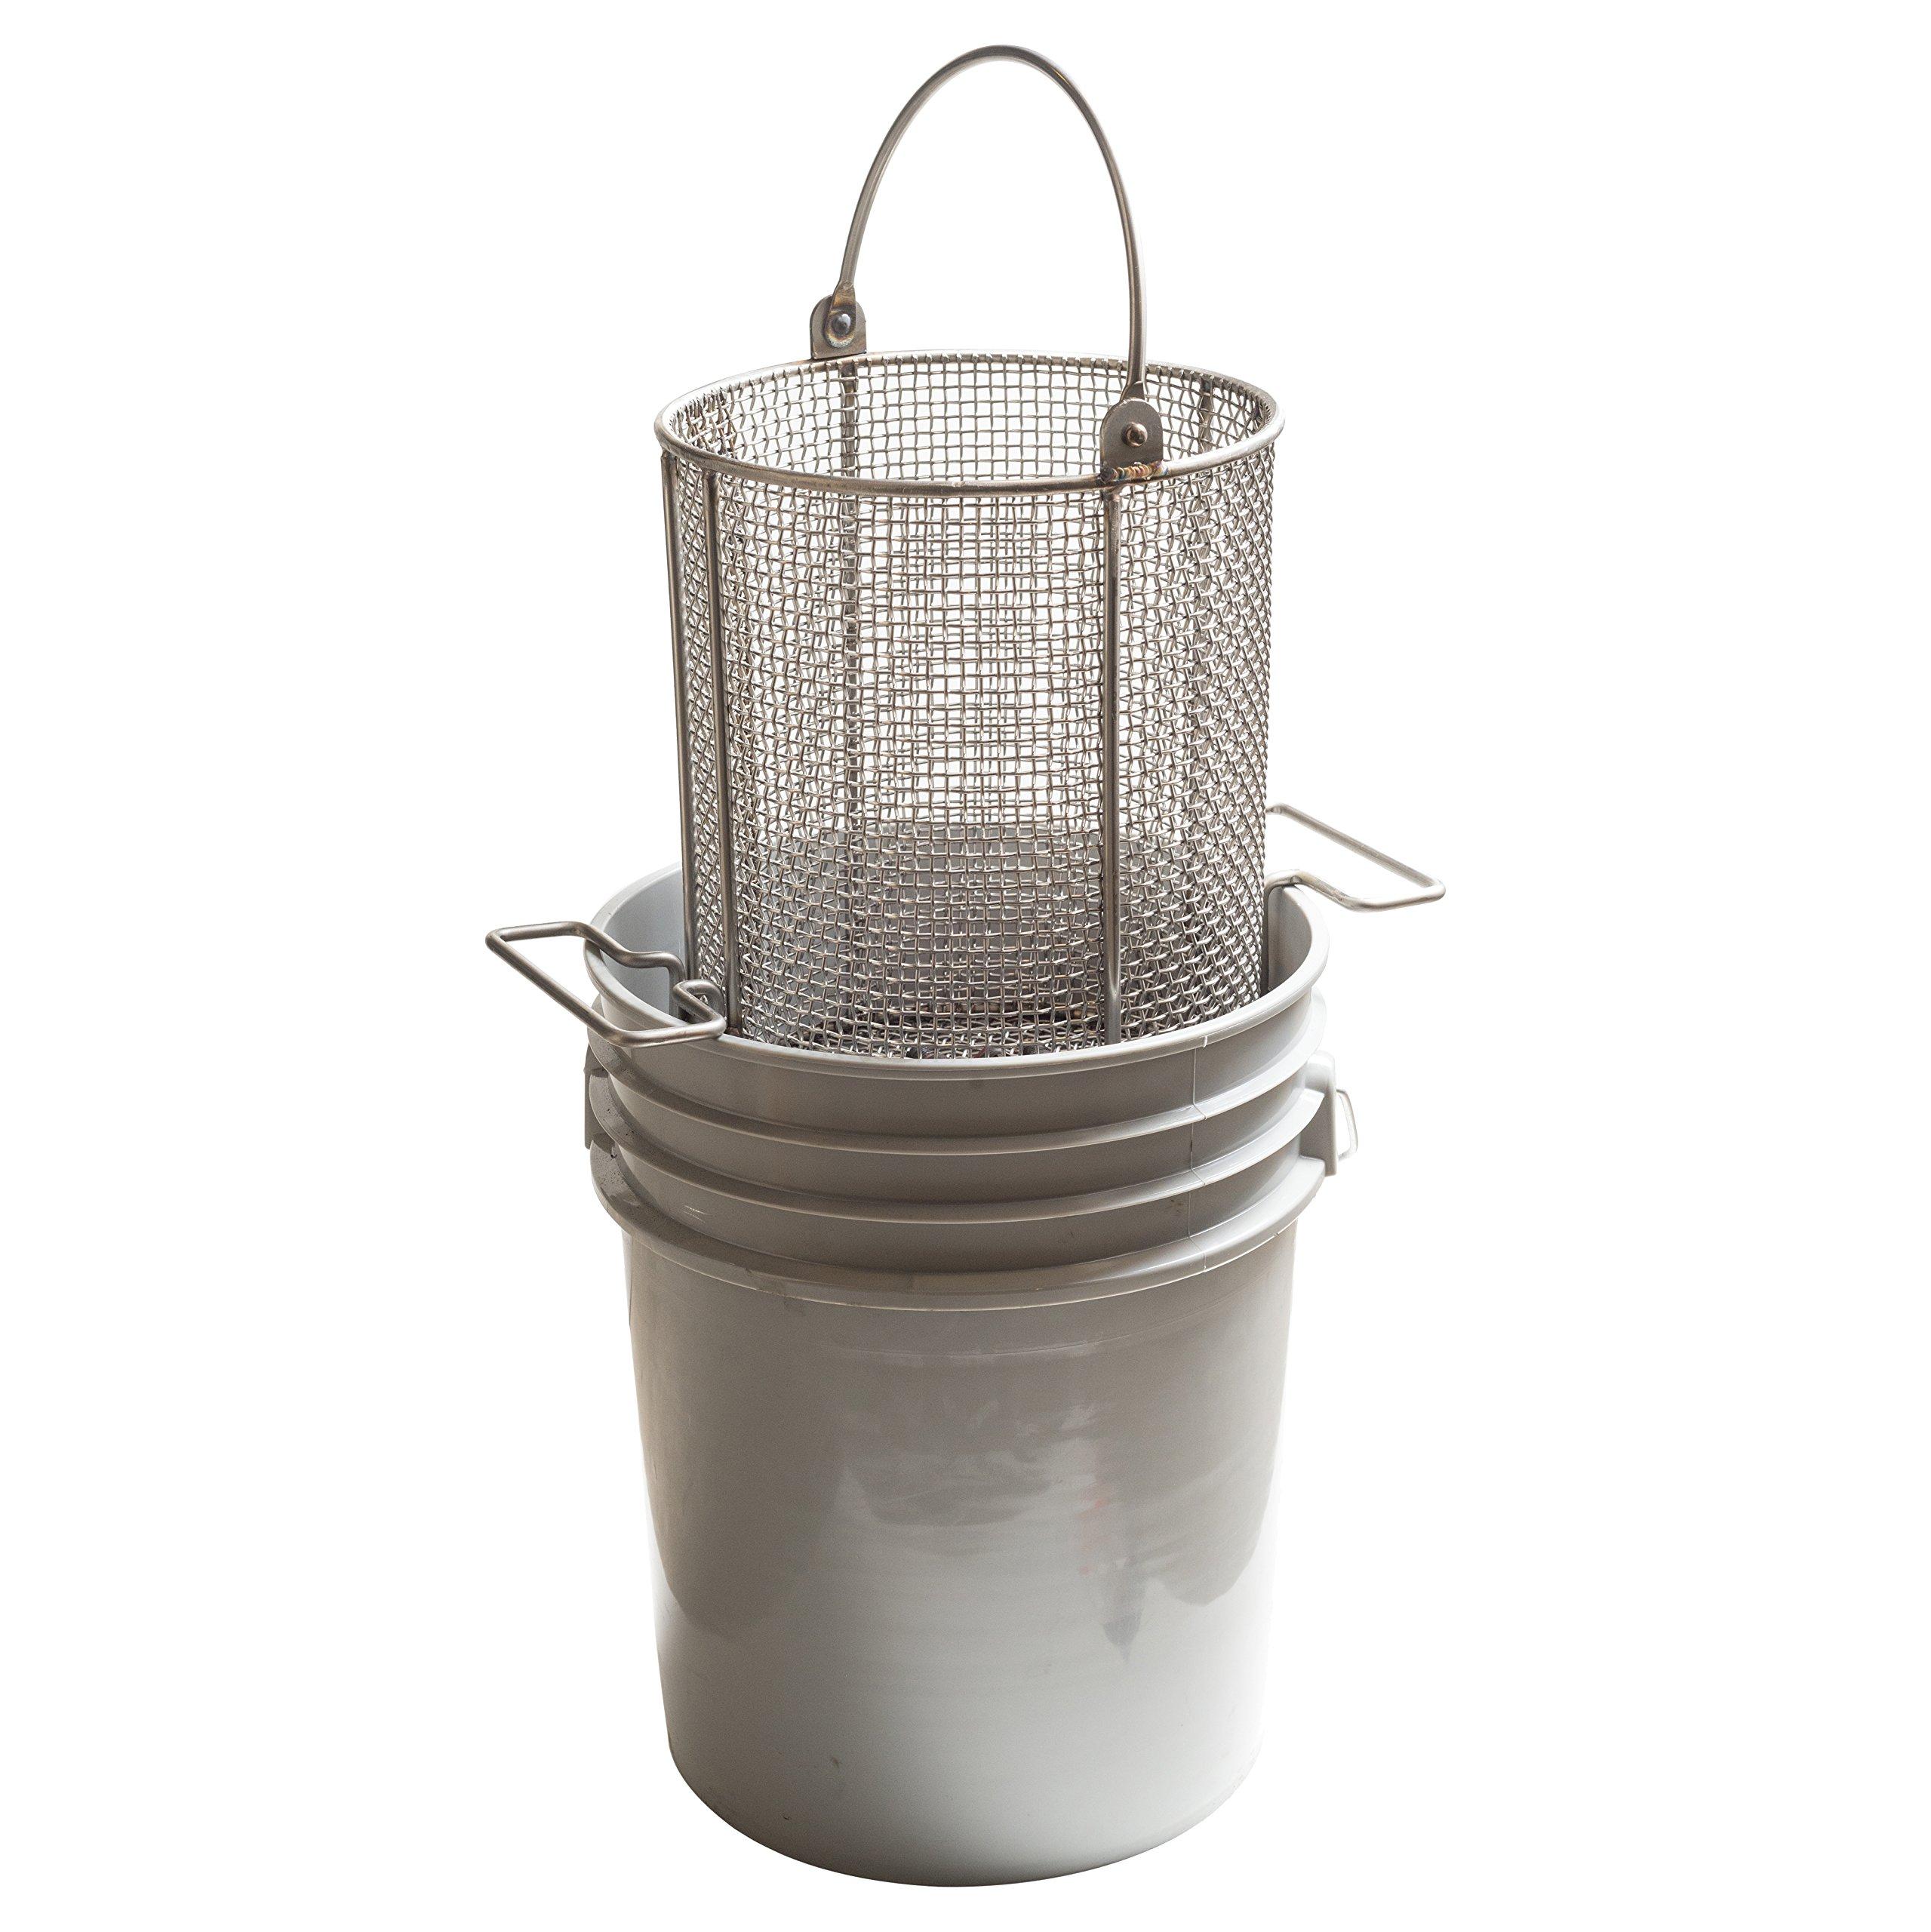 AnySizeBasket DND-095RND120-C04S 304SS Dip-and-Drain Mesh Basket, Swinging Loop Handle, Fits 5 gal Bucket (Bucket NOT Included), 9-1/2'' Diameter x 12'' H